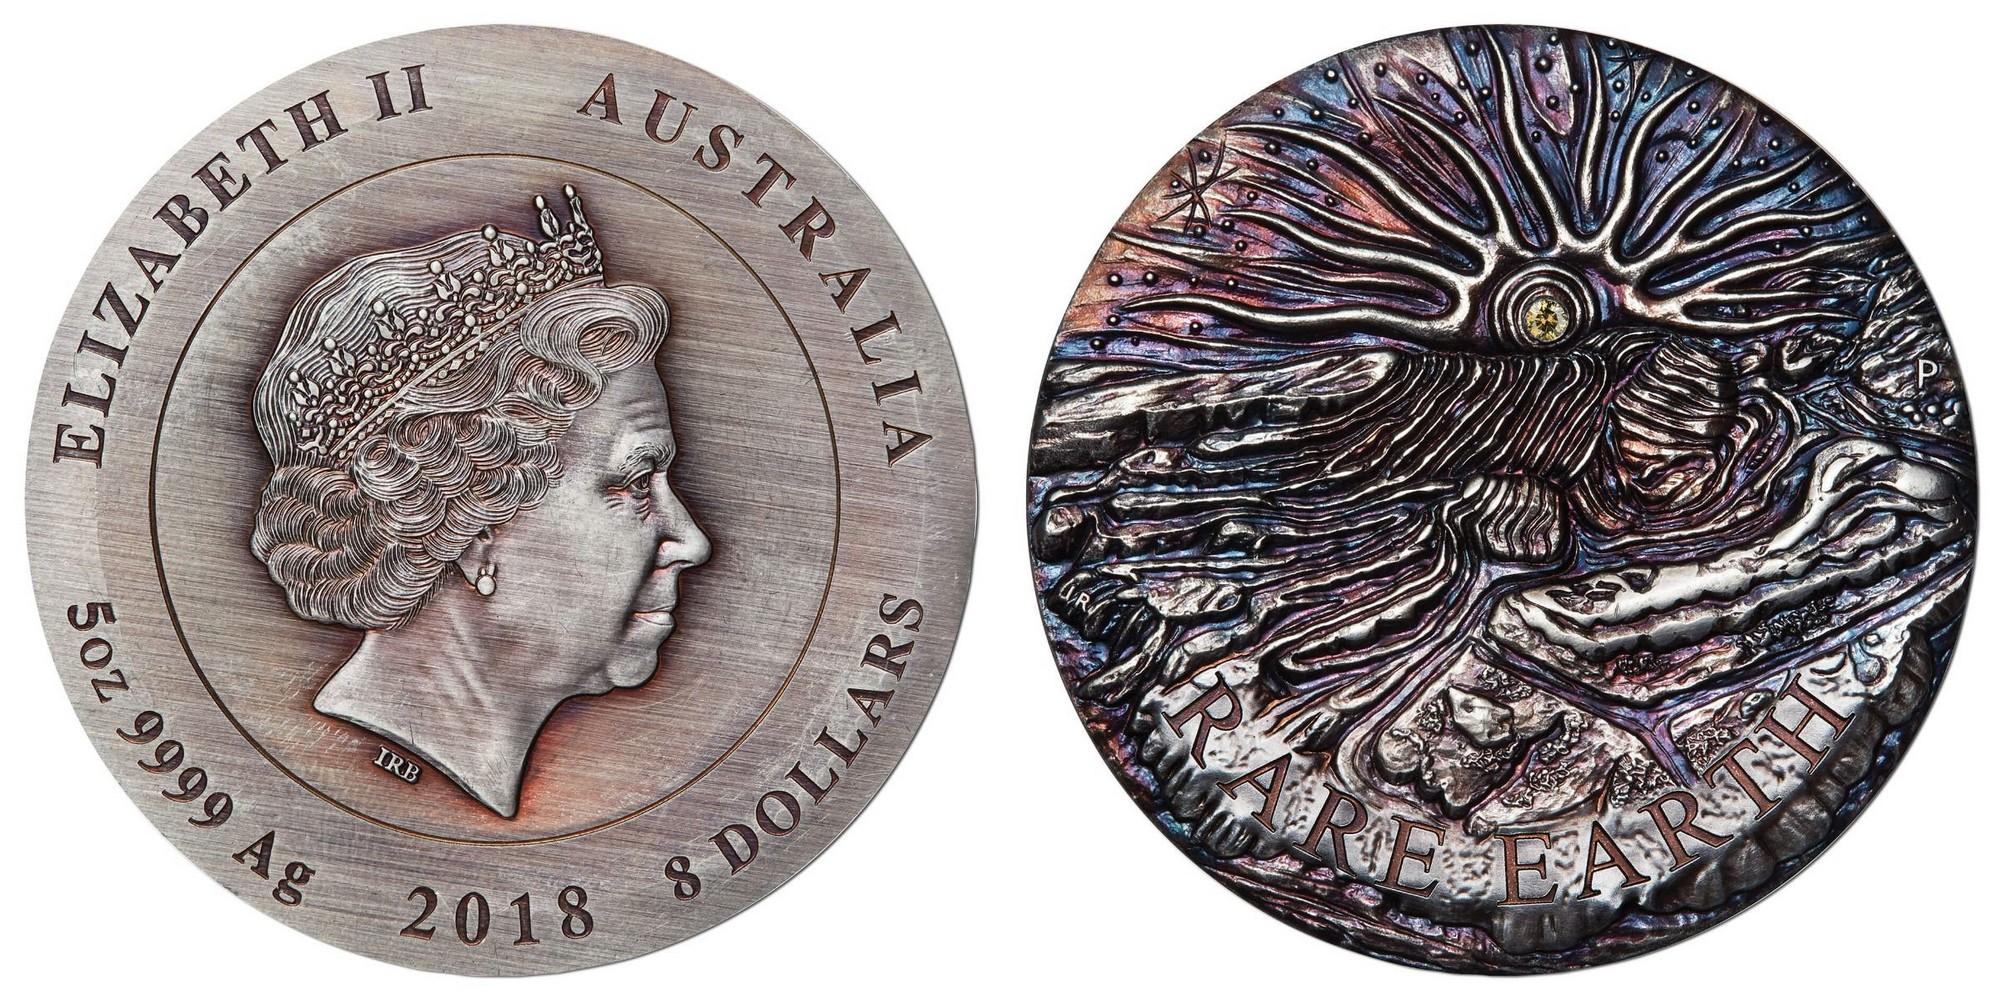 australie 2018 rare terre